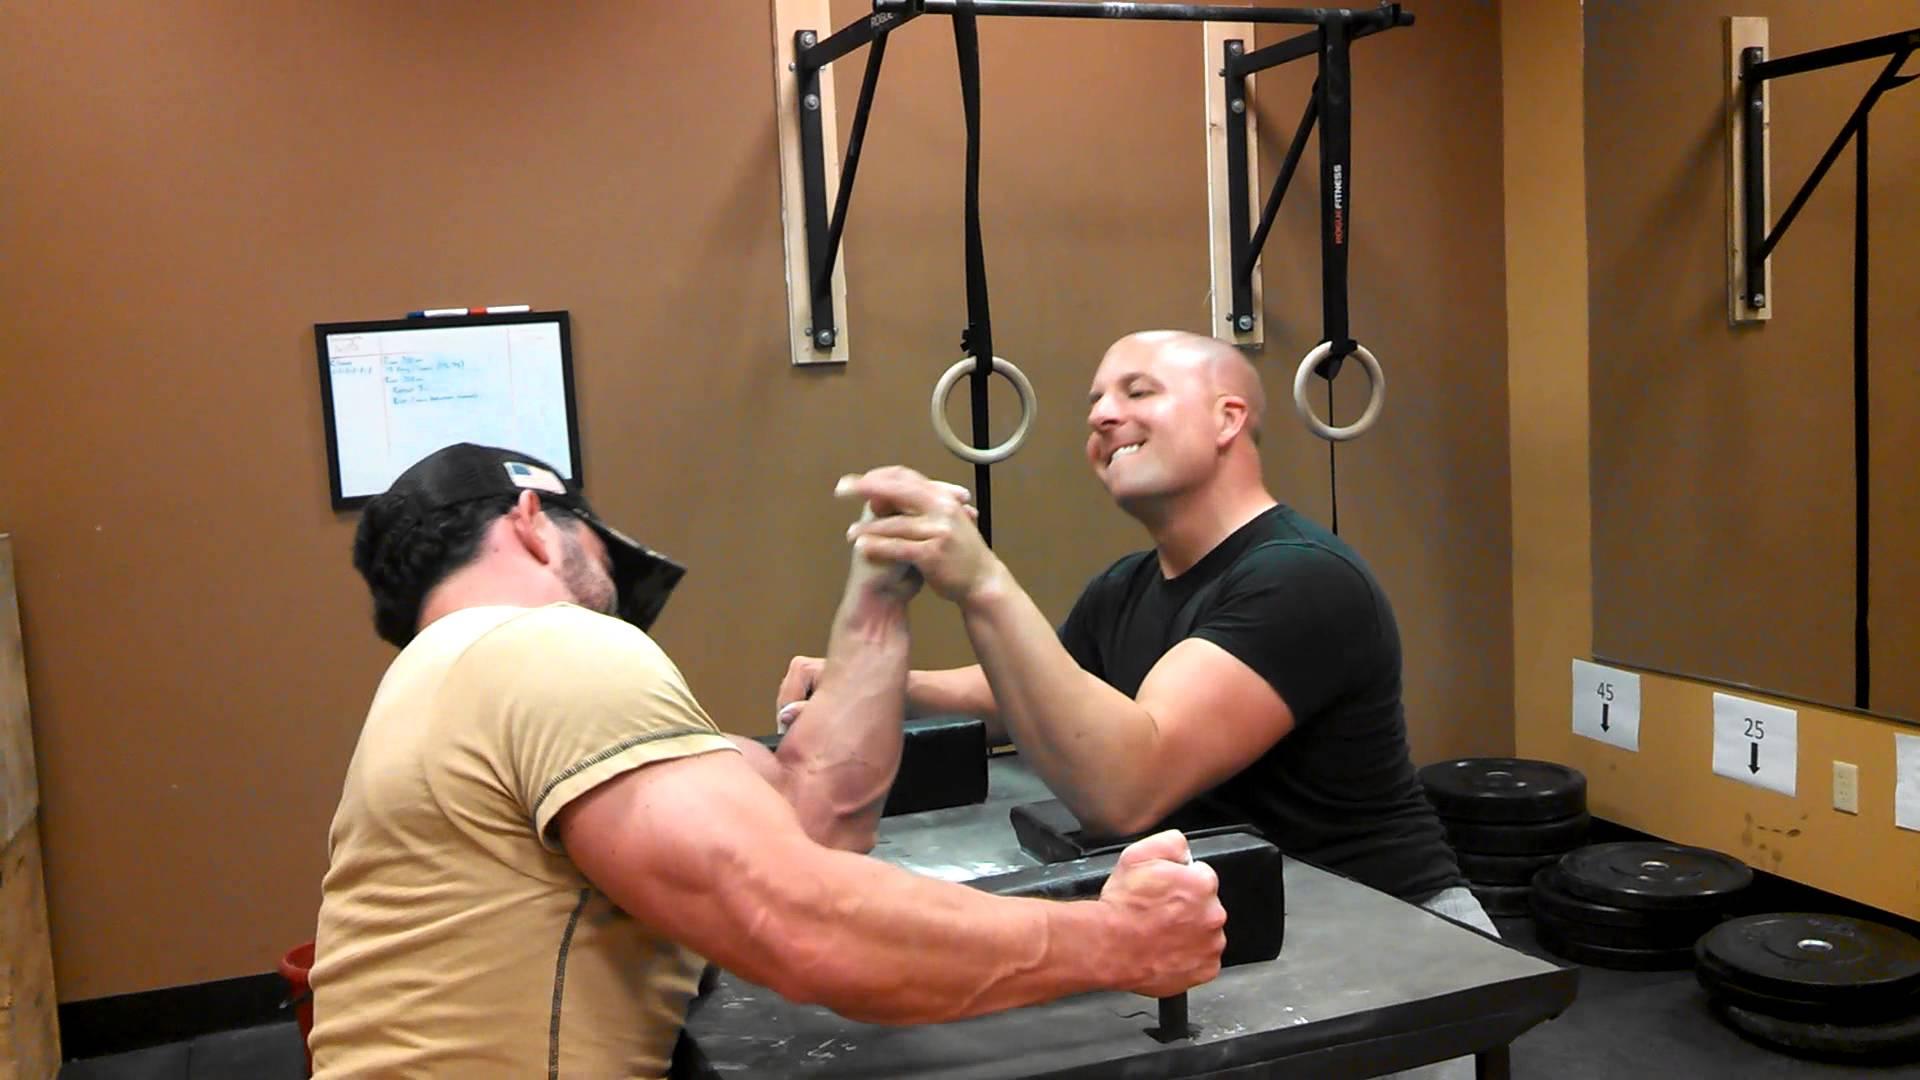 Arm wrestling Bodybuilder vs Arm Wrestler - YouTube